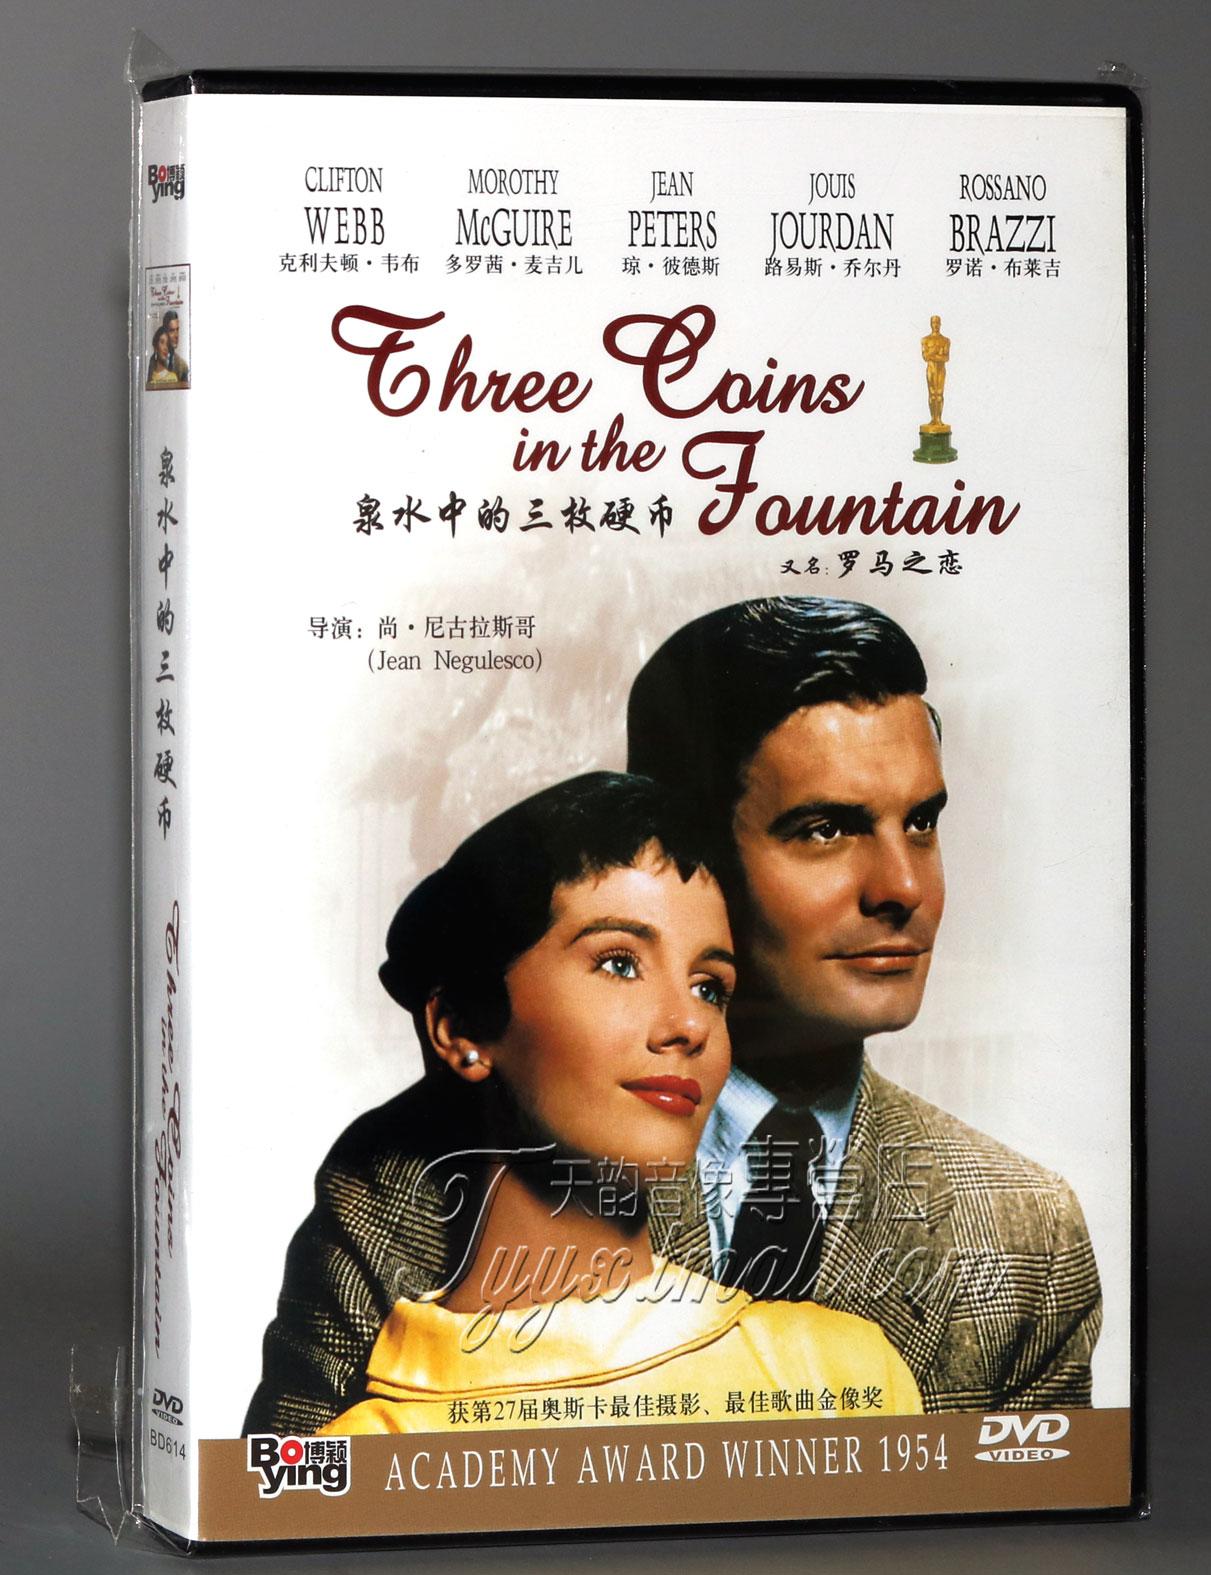 正版电影DVD光盘 泉水中的三枚硬币 又名:罗马之恋 盒装 1DVD碟片图片